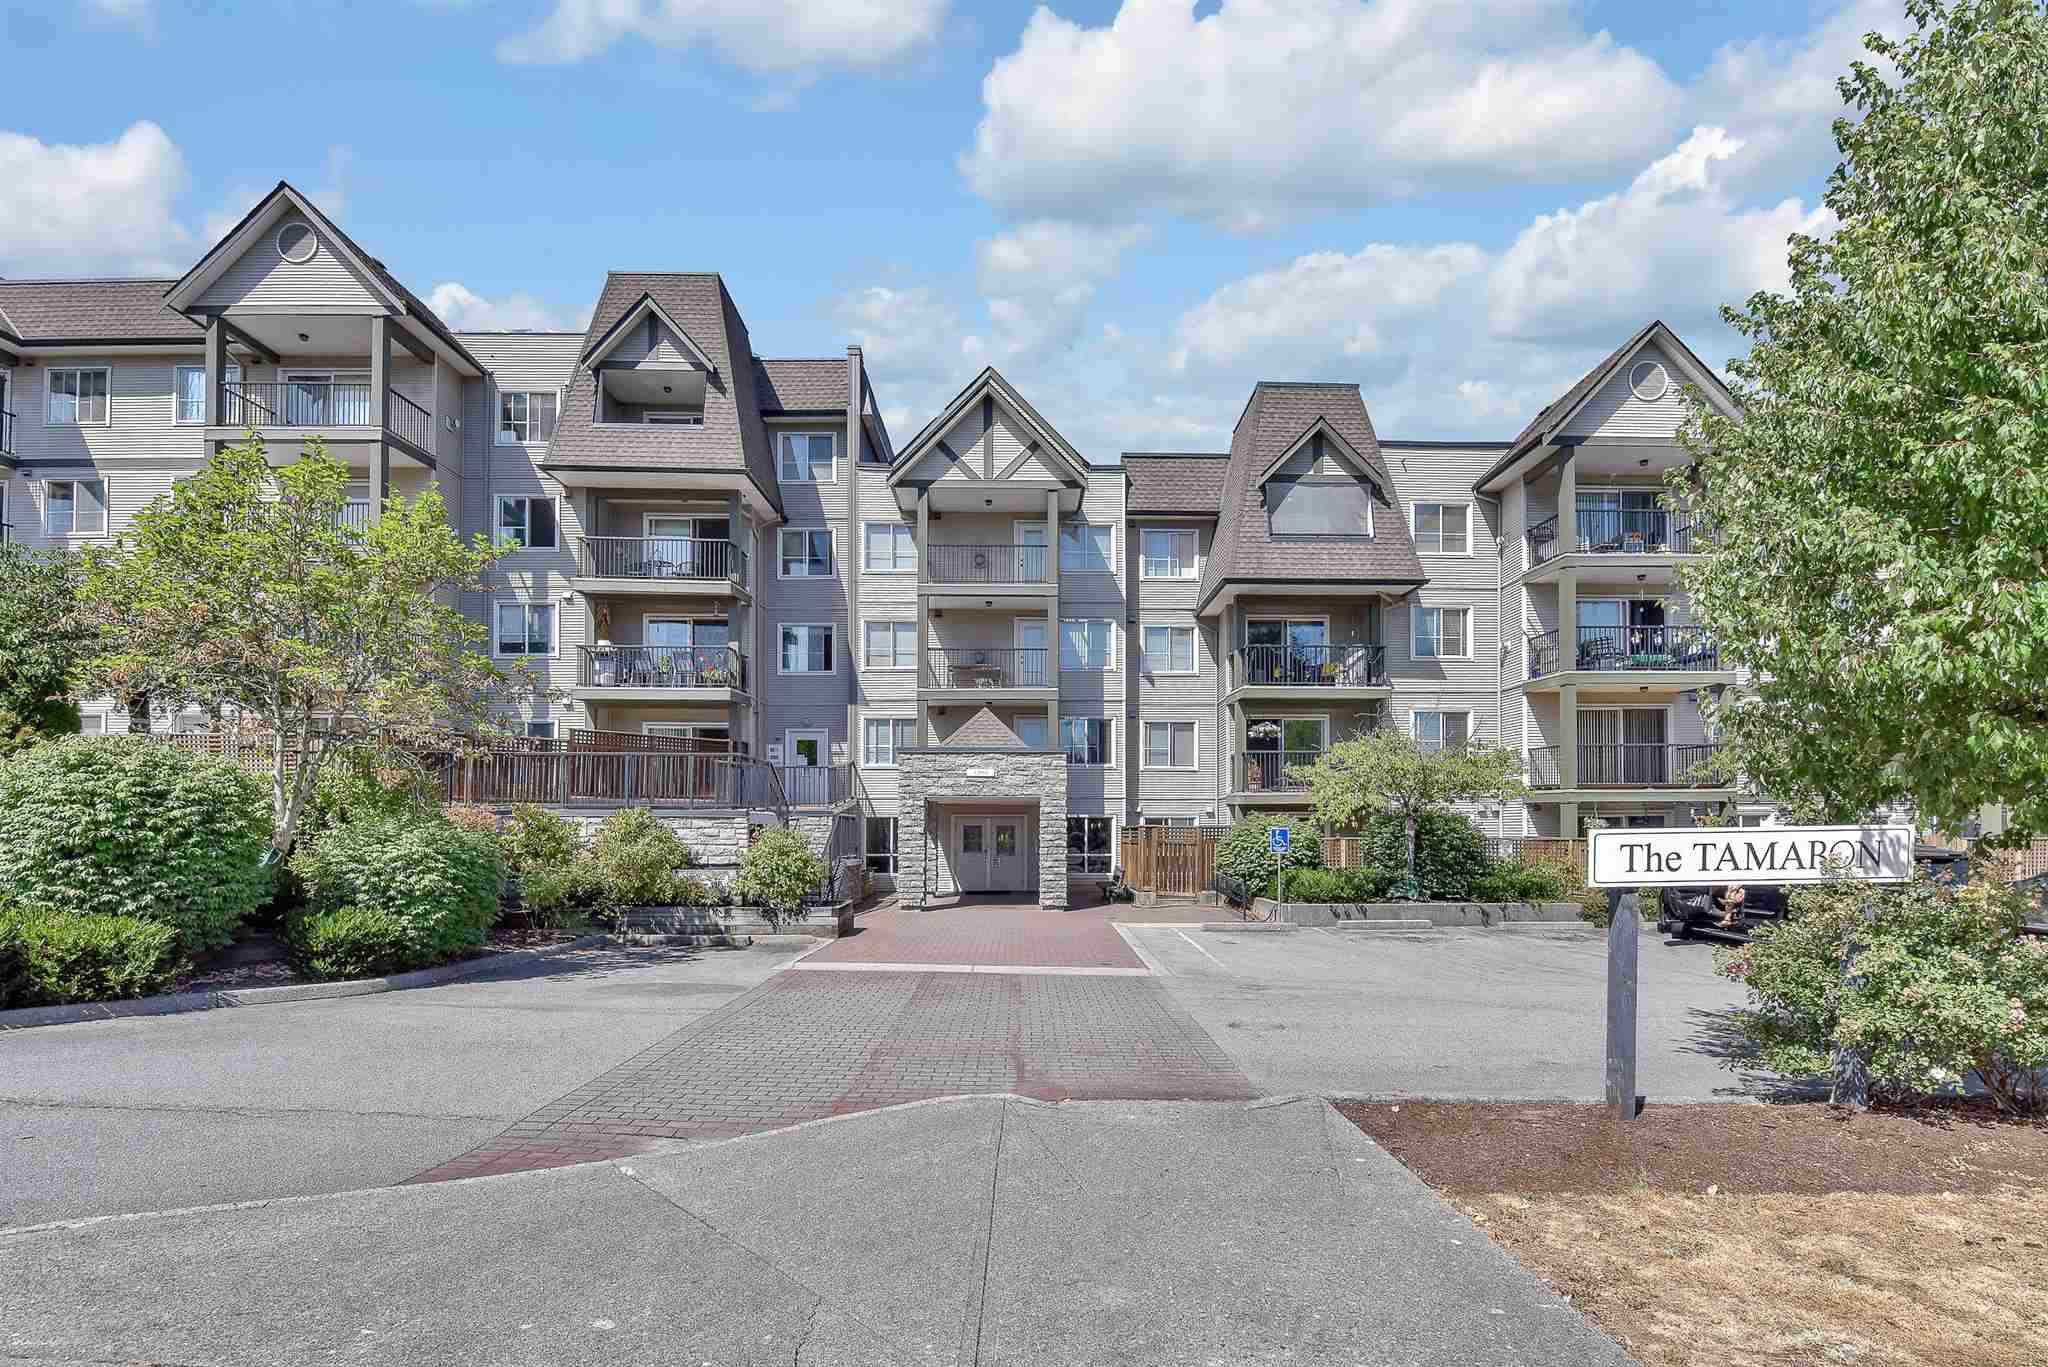 413 12083 92A AVENUE - Queen Mary Park Surrey Apartment/Condo for sale, 2 Bedrooms (R2606216) - #1